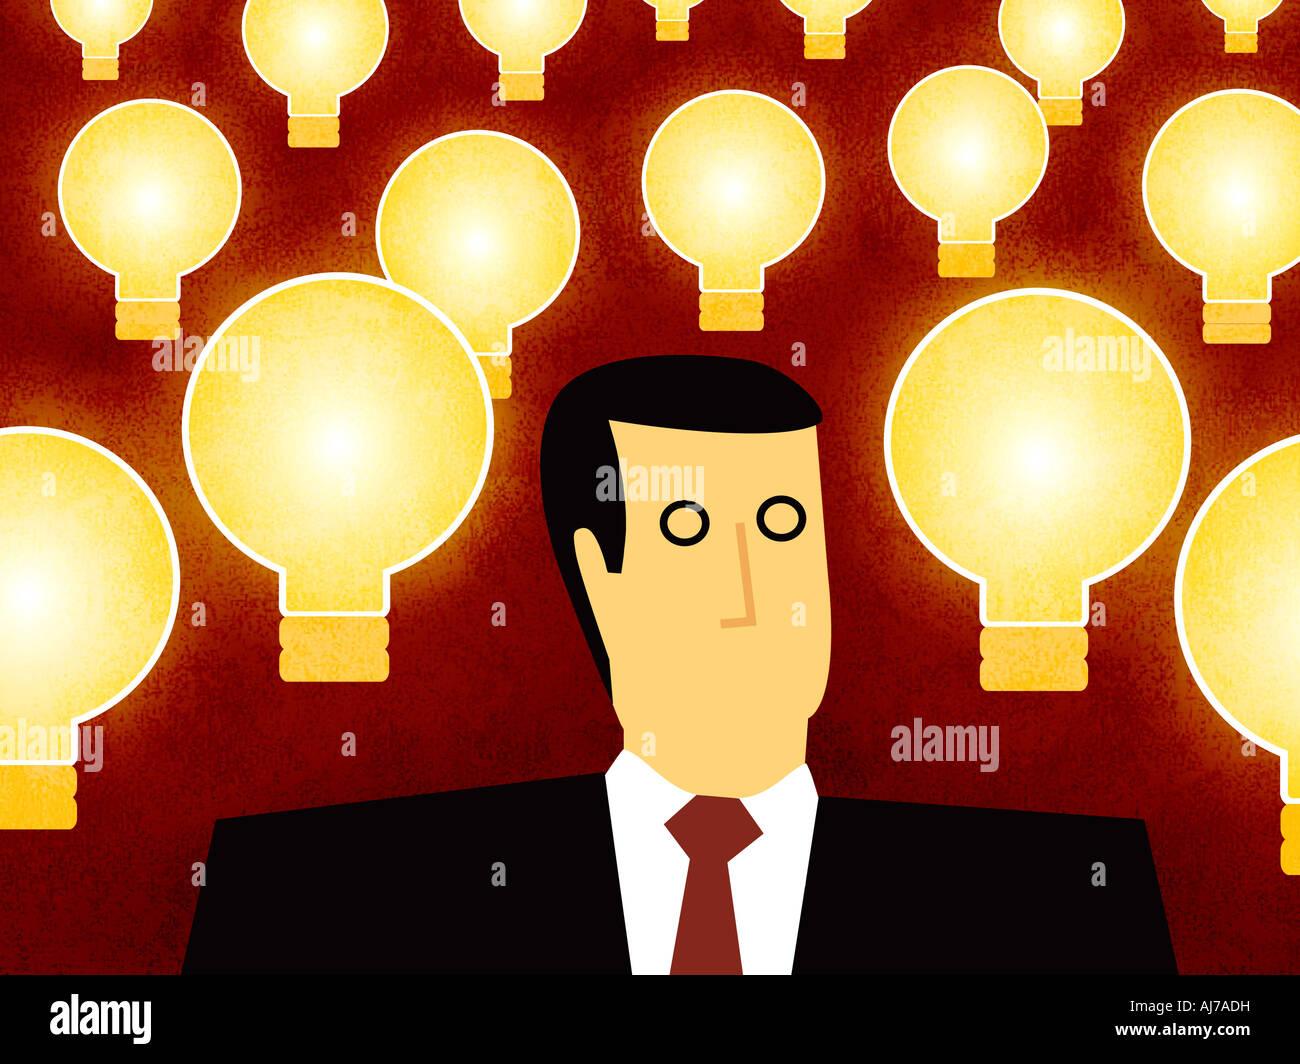 L'homme d'affaires avec des idées - Man with Light Bulb Photo Stock